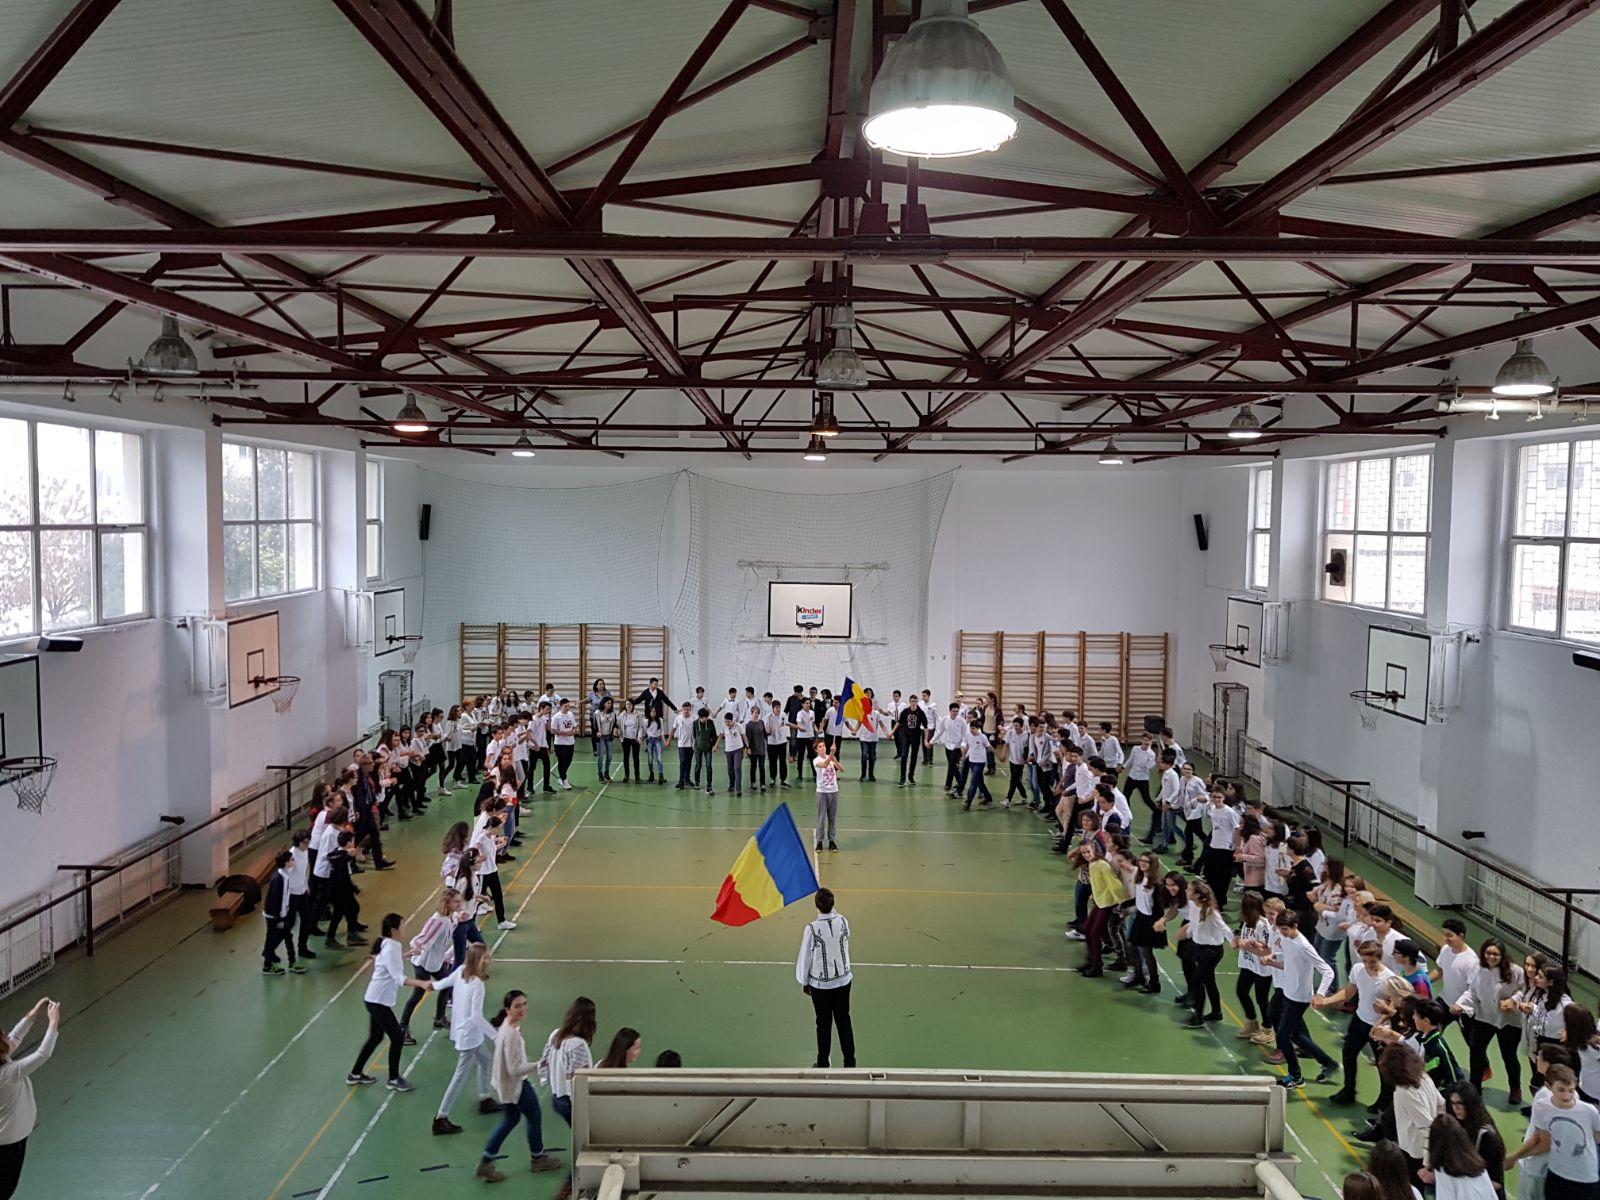 http://www.scoala12bucuresti.ro/site/wp-content/uploads/2017/12/20.jpg